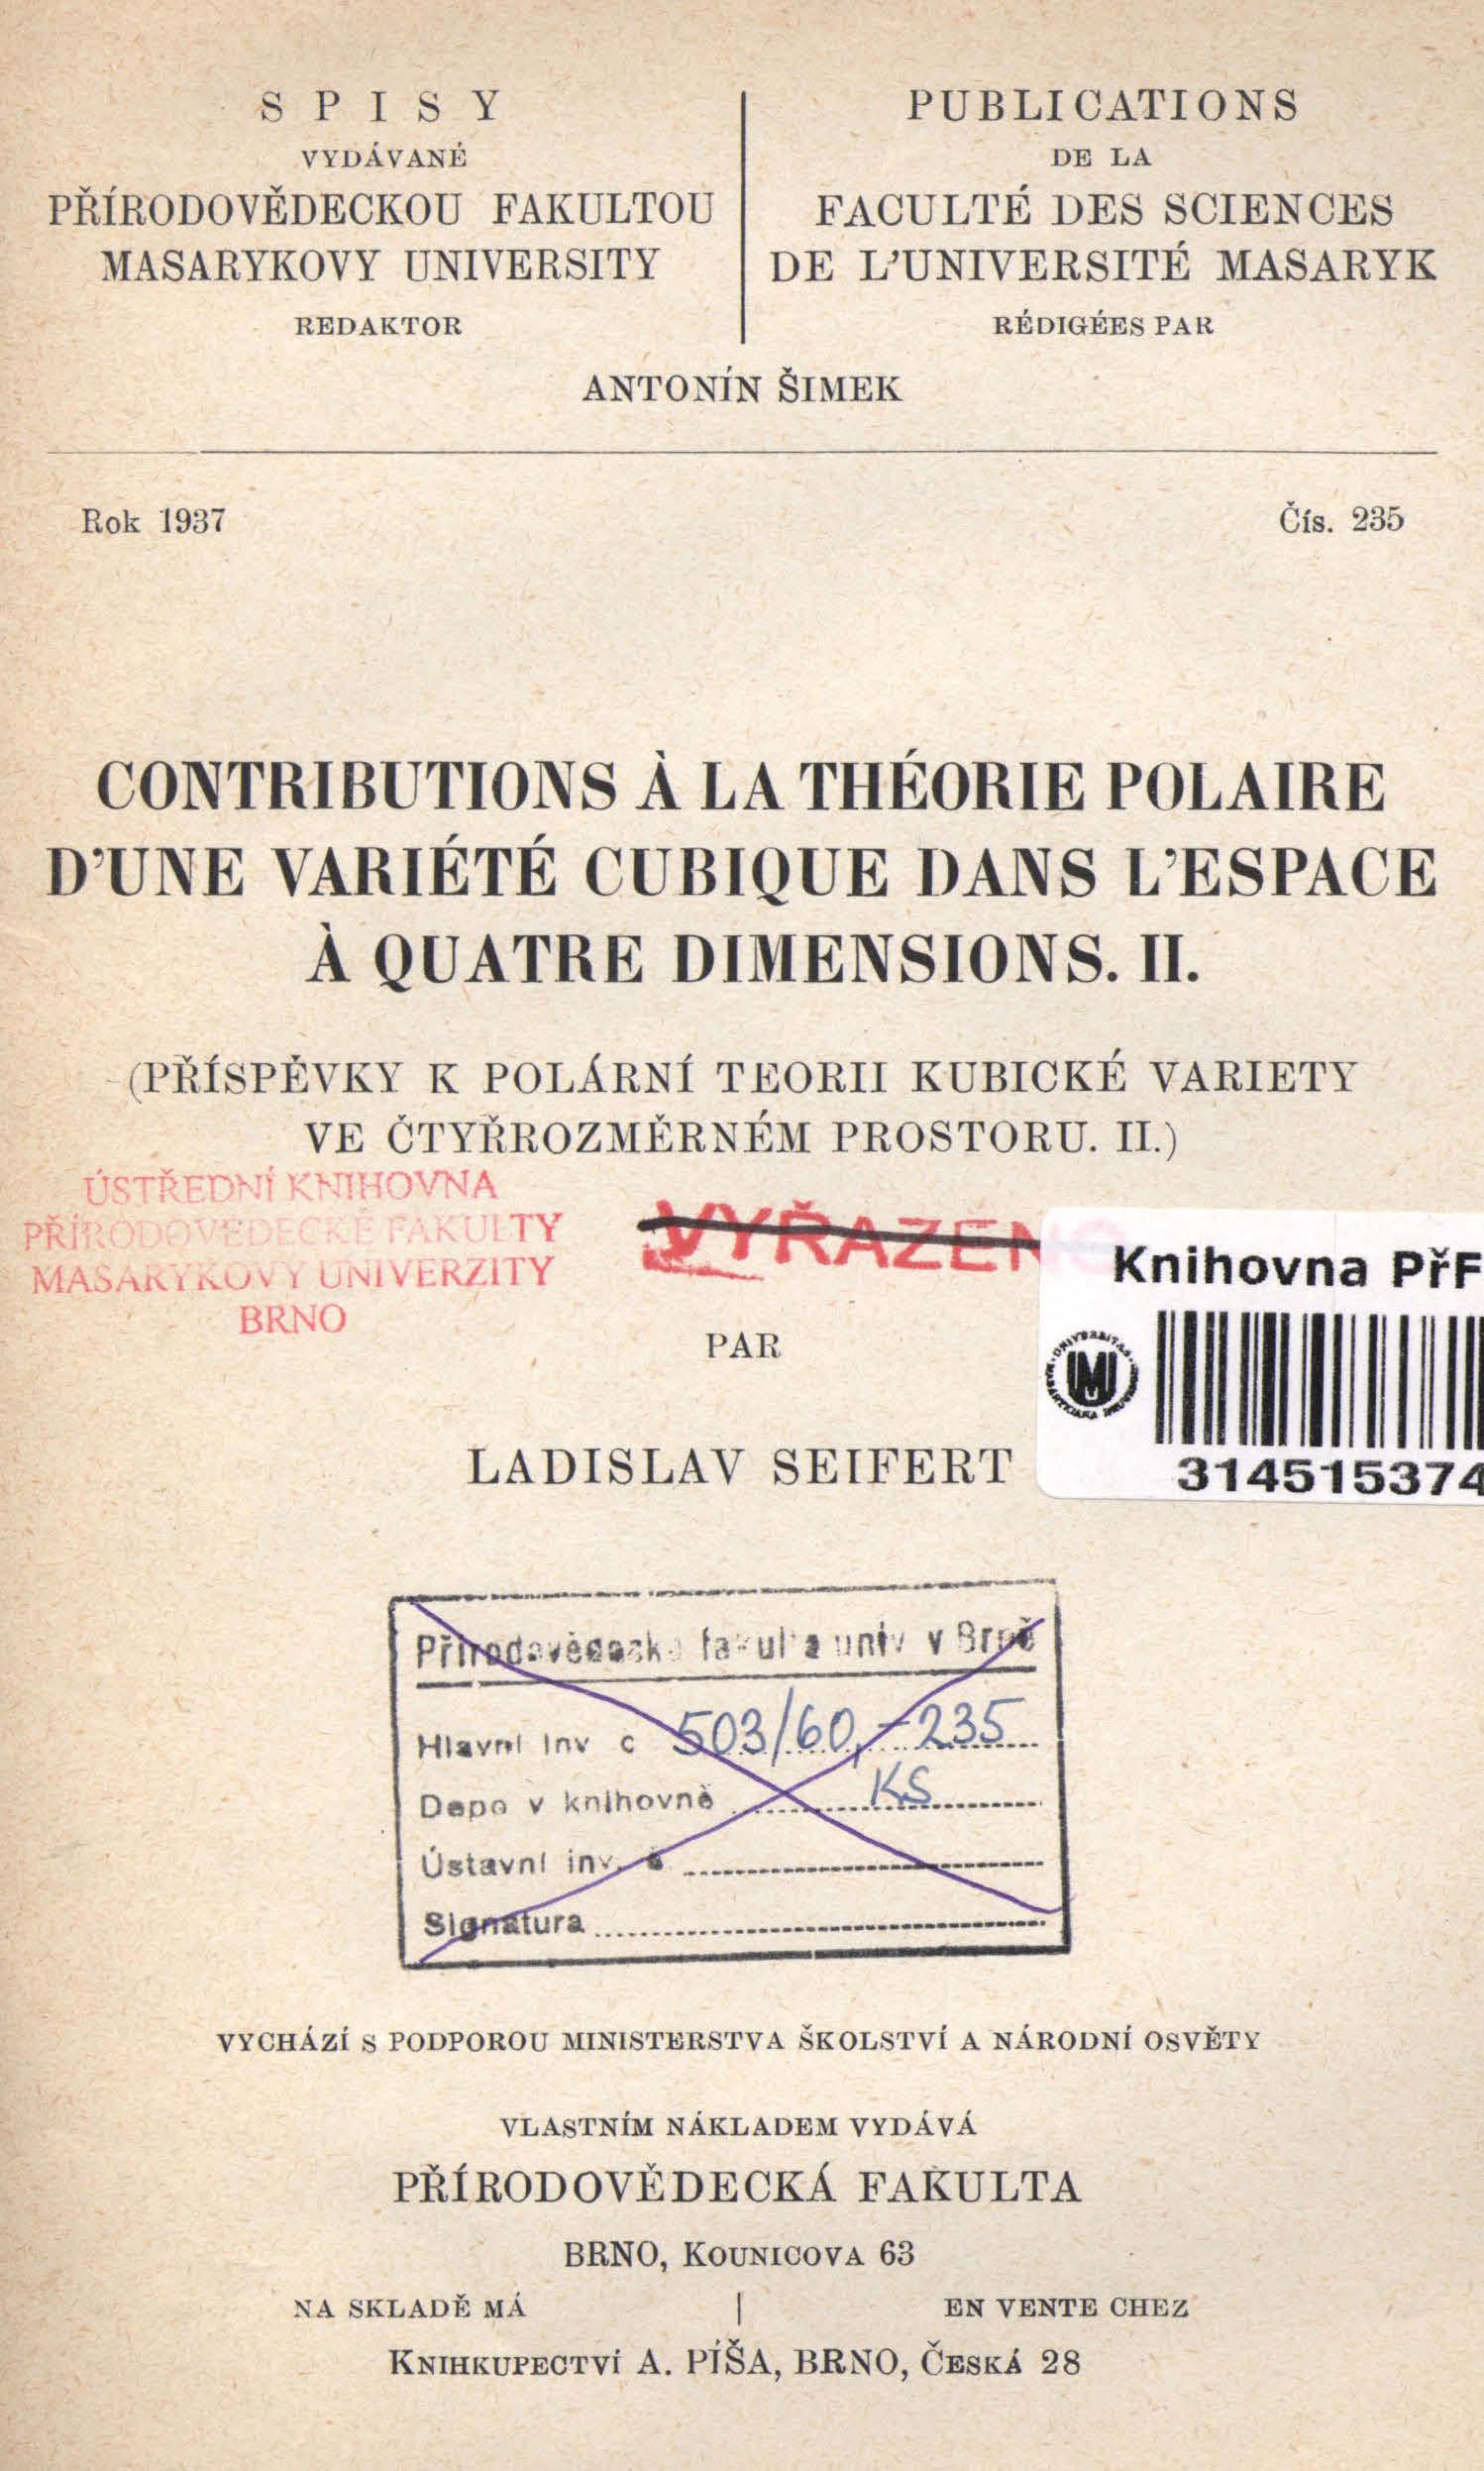 Obálka pro Contributions a la théorie polaire d'une variété cubique dans l'espace a quatre dimensions. II.